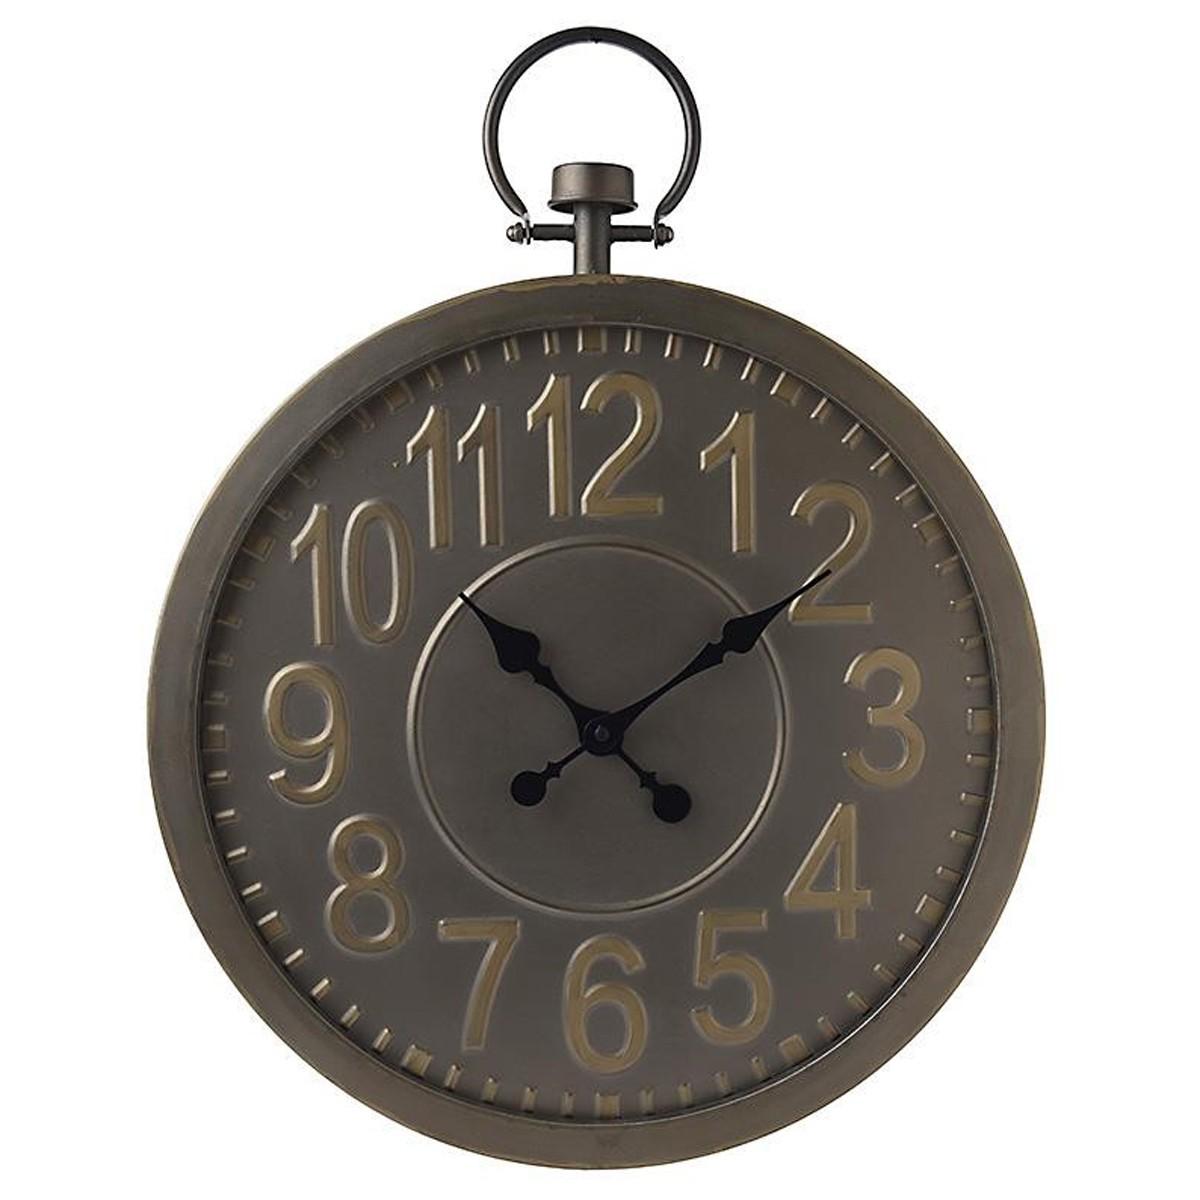 Ρολόι Τοίχου InArt 3-20-638-0003 70524